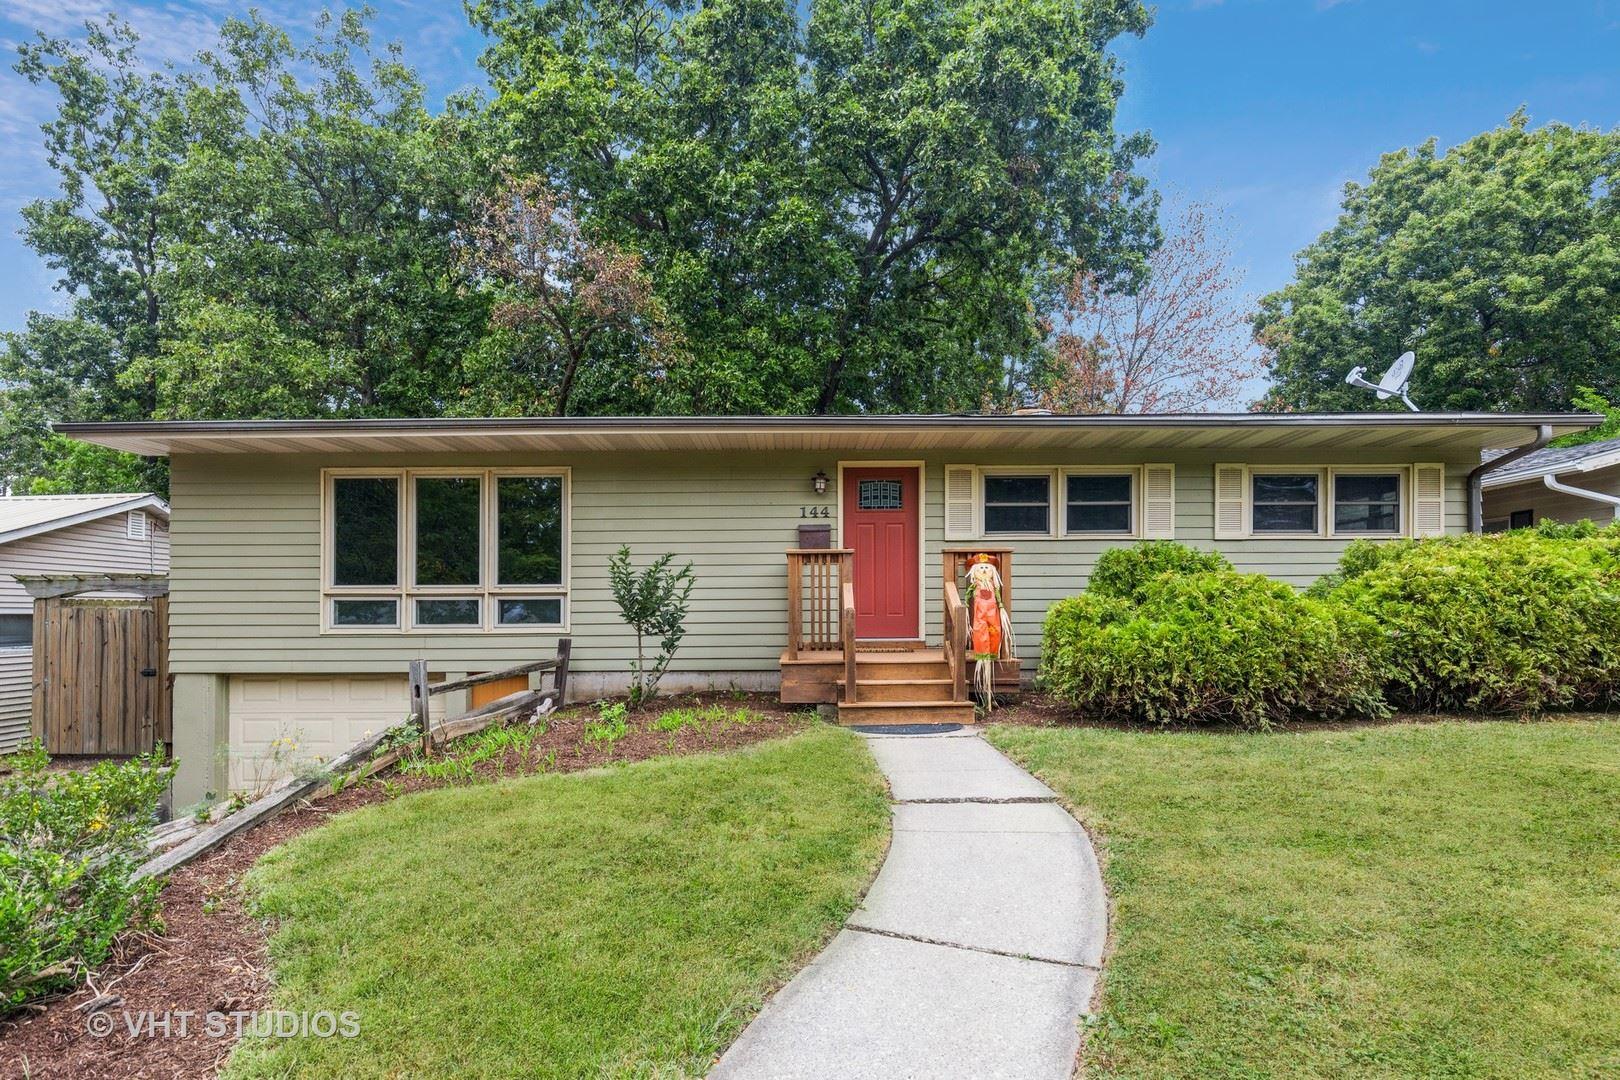 144 Terrace Drive, DeKalb, IL 60115 - #: 11197222